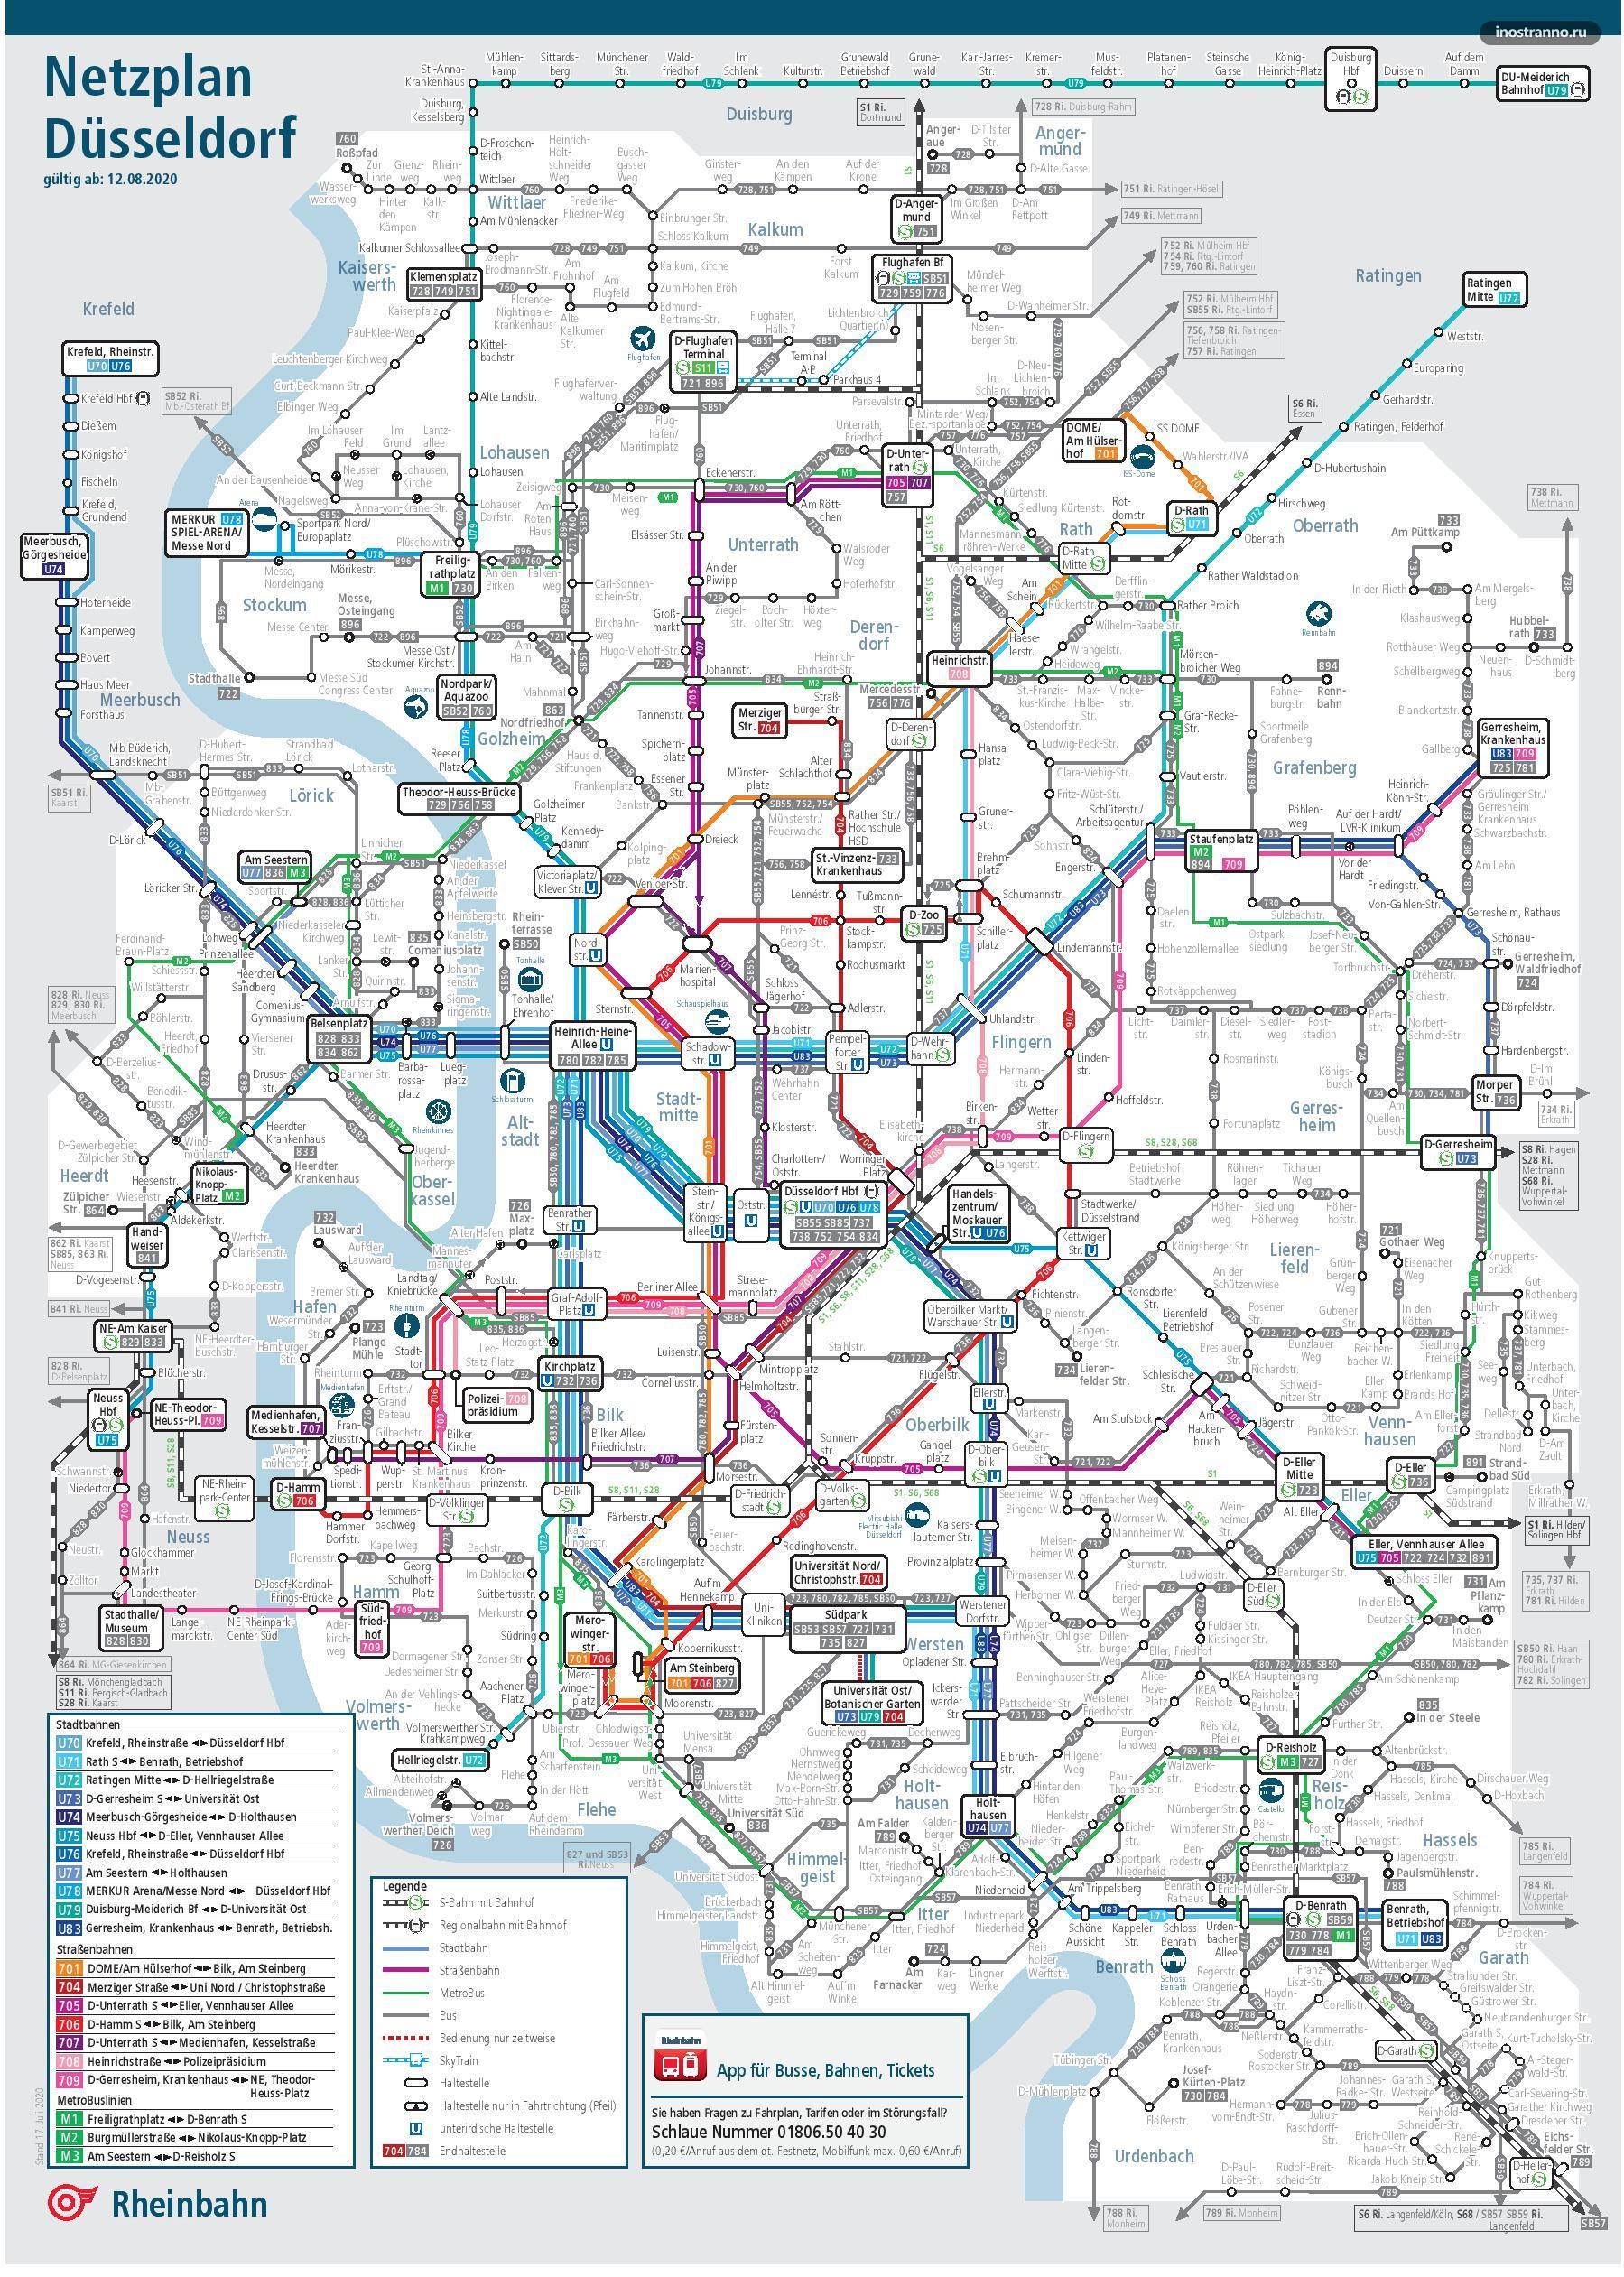 Карта маршрутов общественного транспорта в Дюссельдорфе